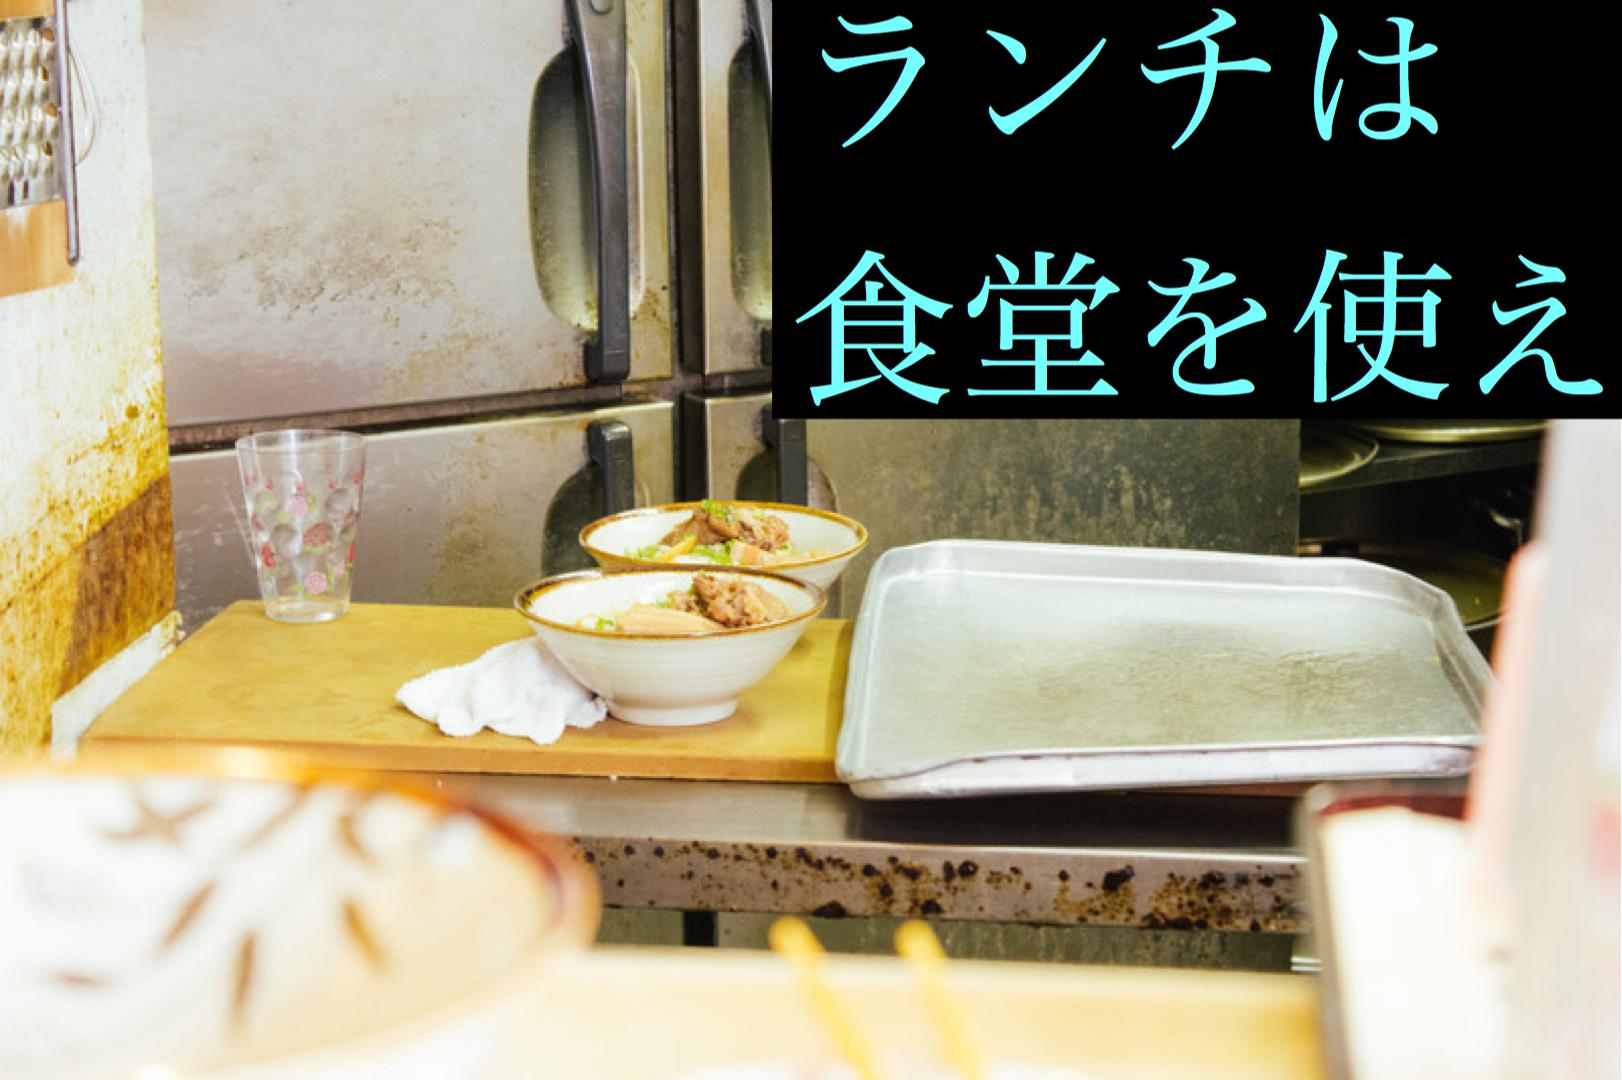 【栄養バランスとお金の節約】昼飯は食堂を使うメリット